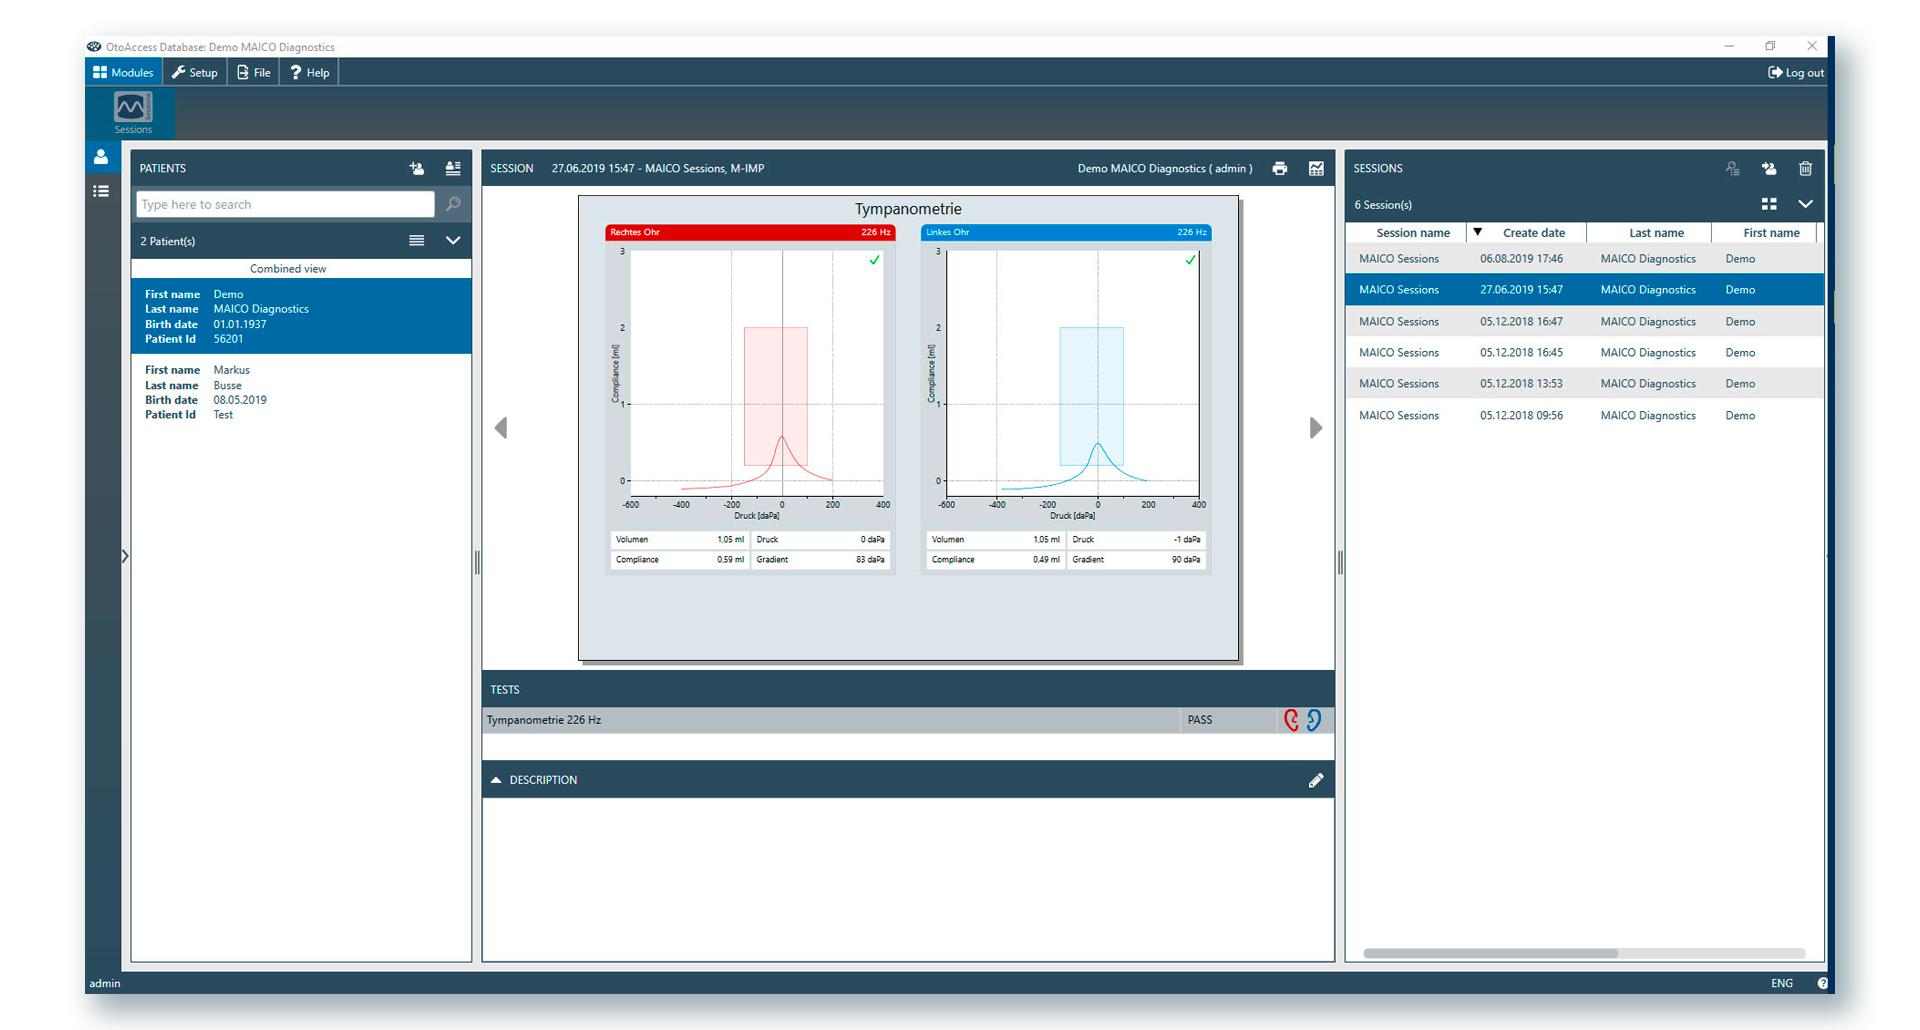 otoaccess-database-screenshot